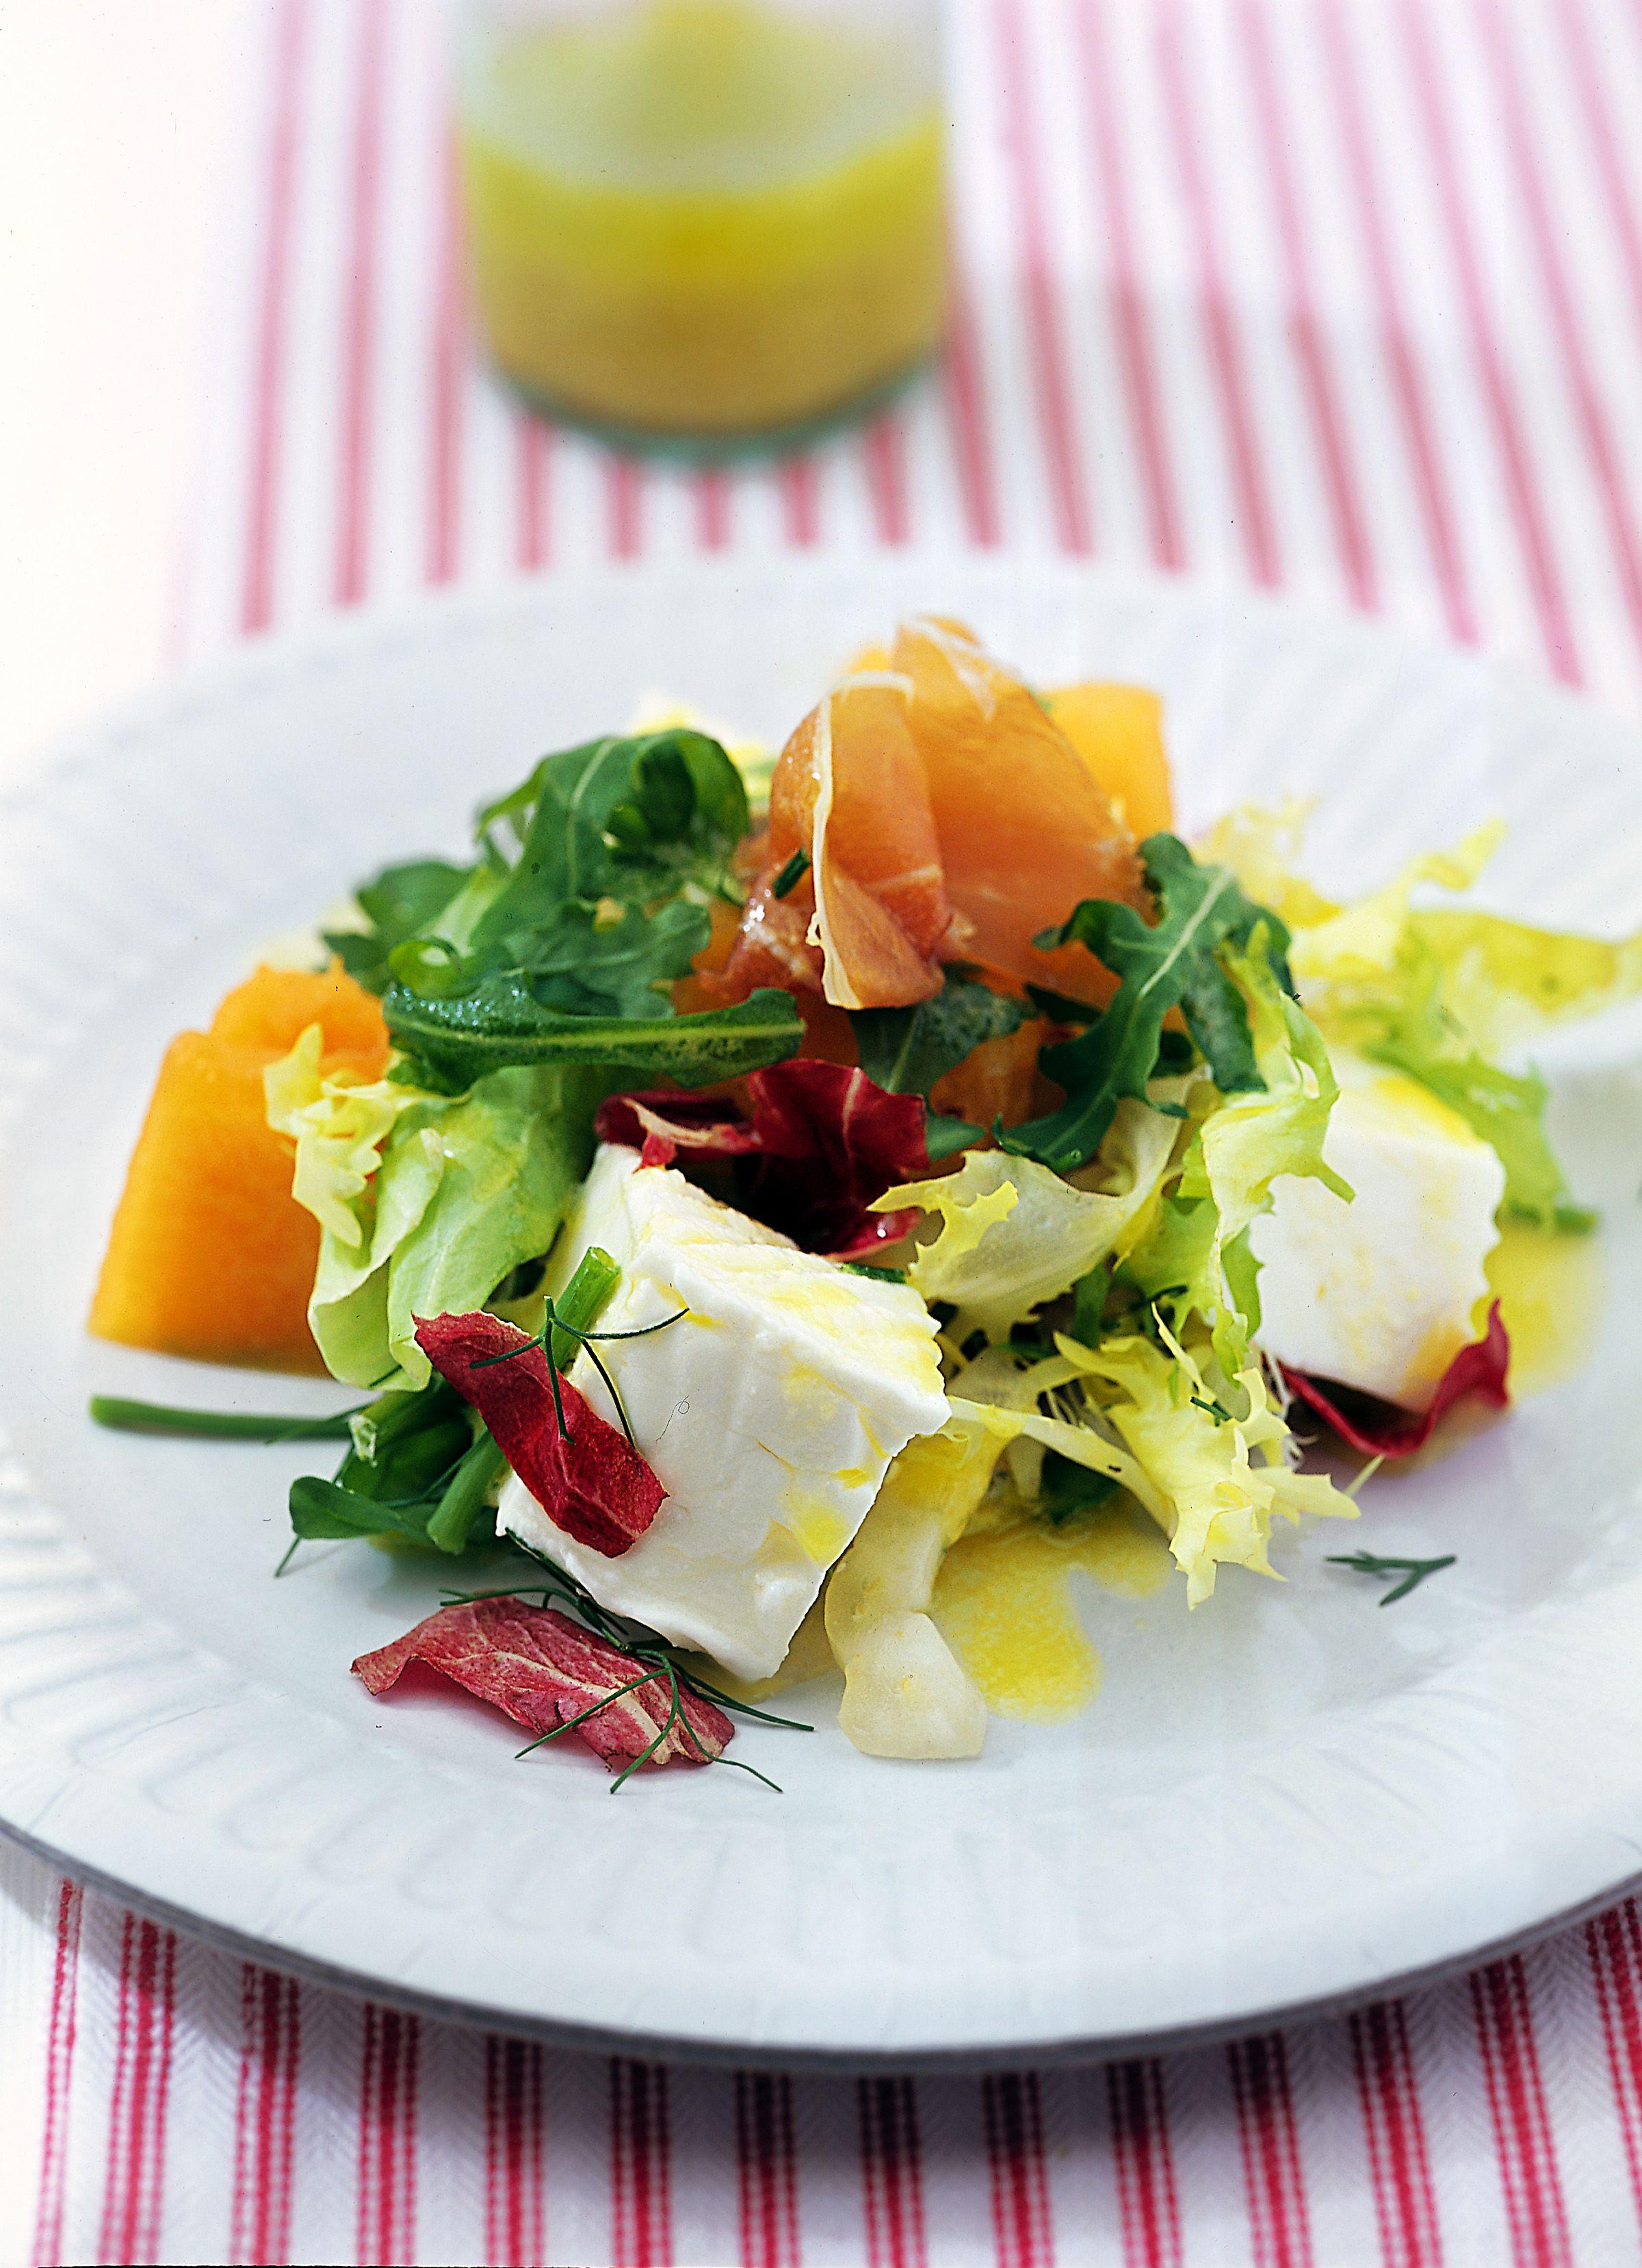 Cerchi una delicata ricetta per un veloce pranzo estivo? Prova la deliziosa ricetta dell'insalata di melone e primosale che ti suggerisce Sale&Pepe.